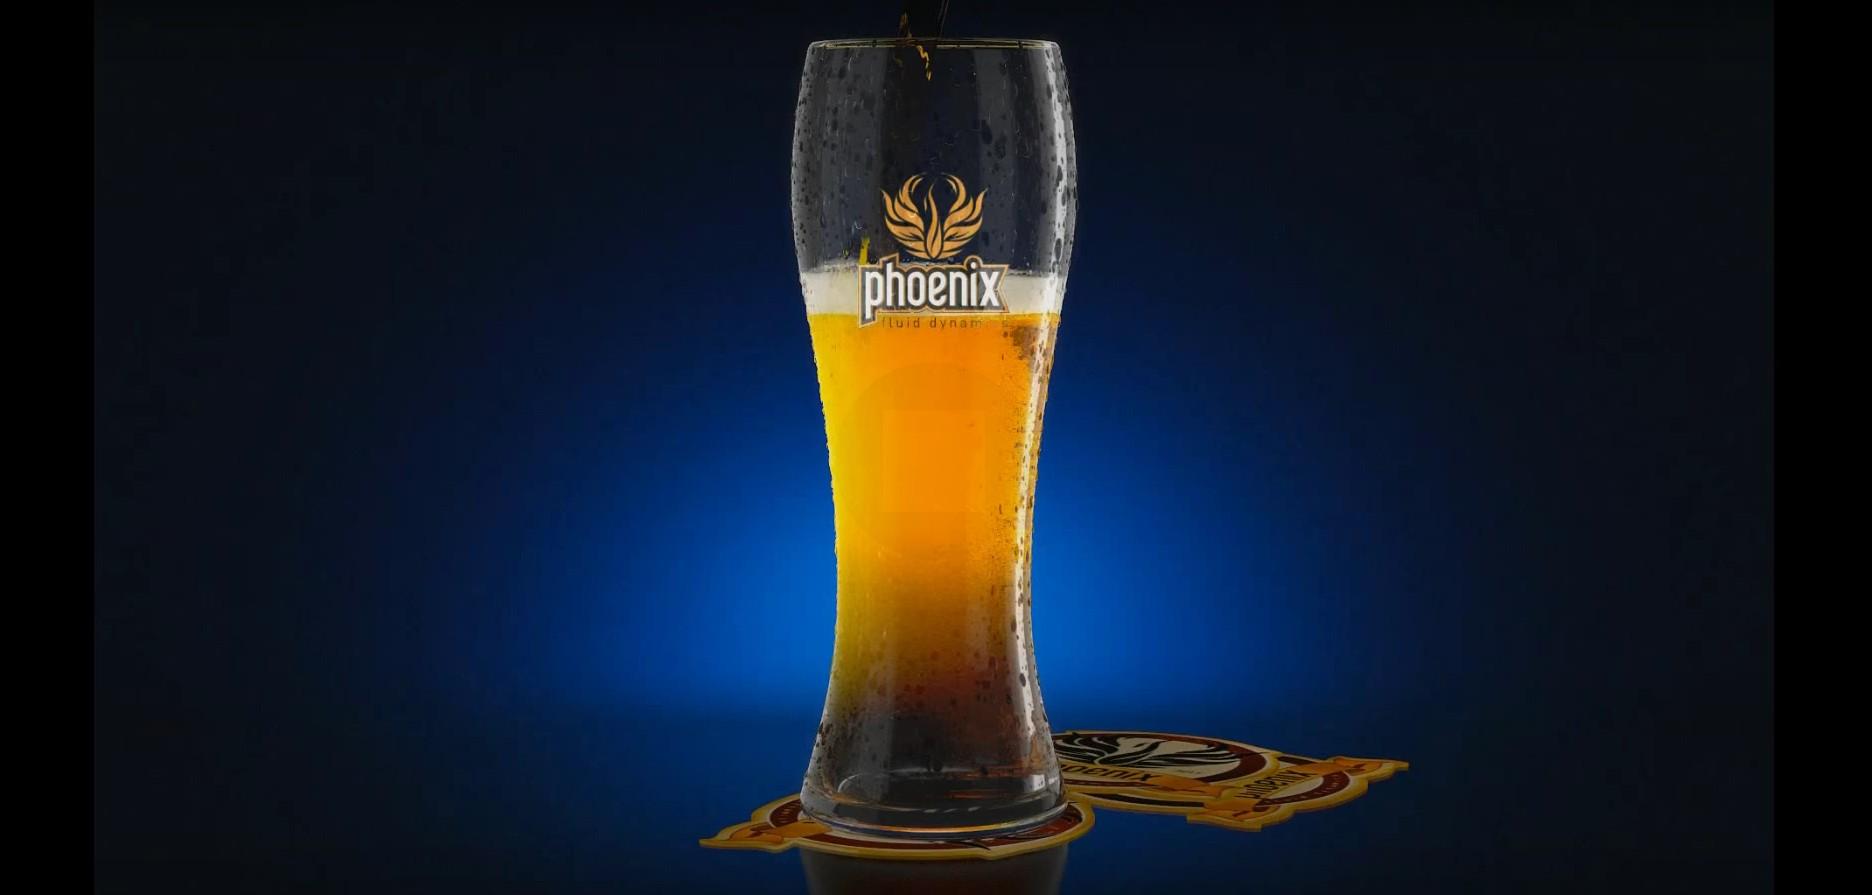 Phoenix FD beer with foam